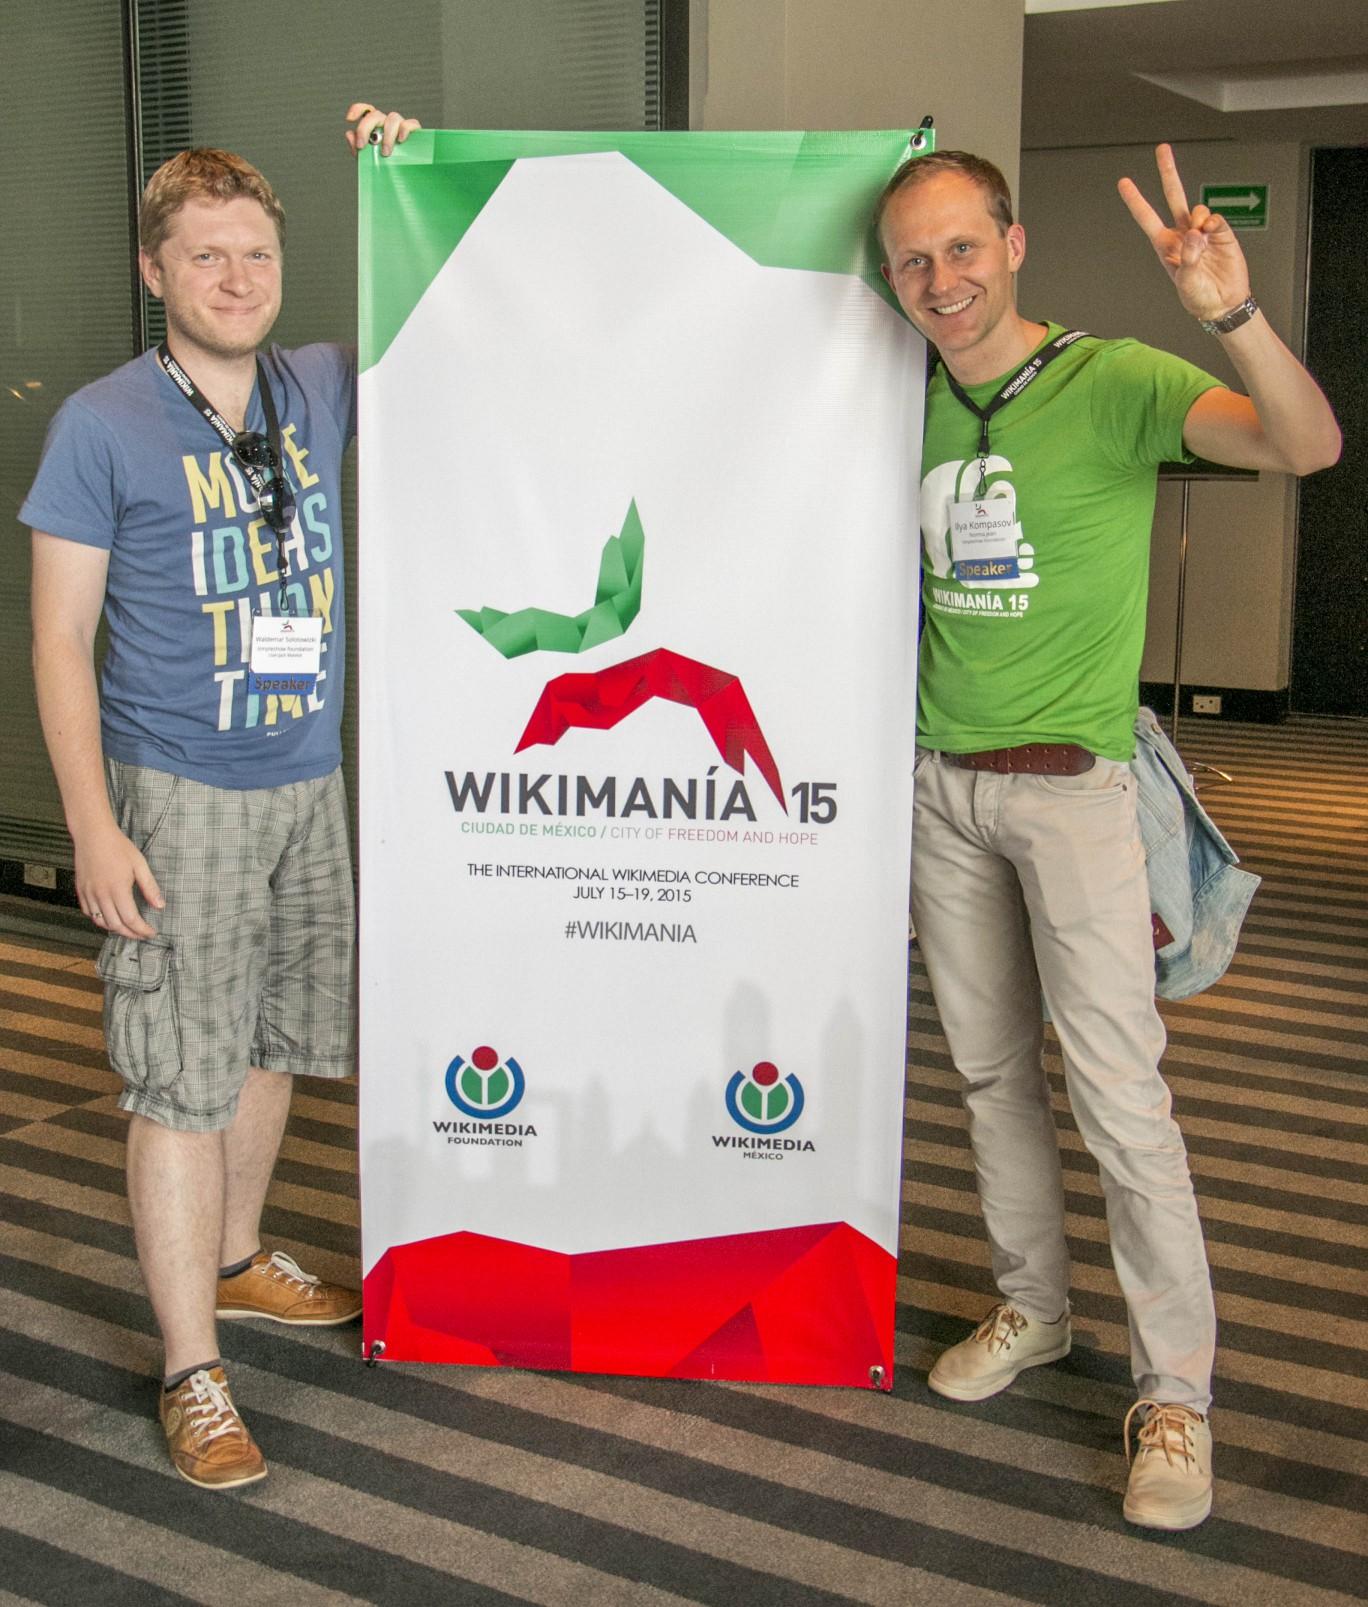 Foto_Ilya_Waldi_Wikimania_2015-07-15